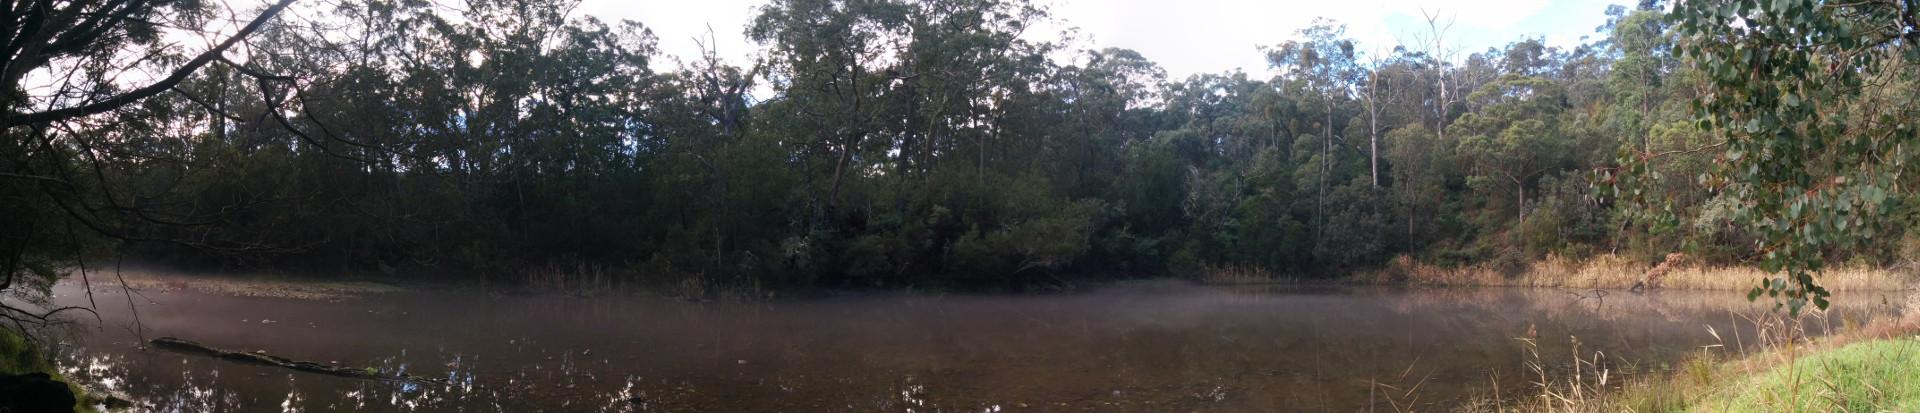 Waterways Management Blog